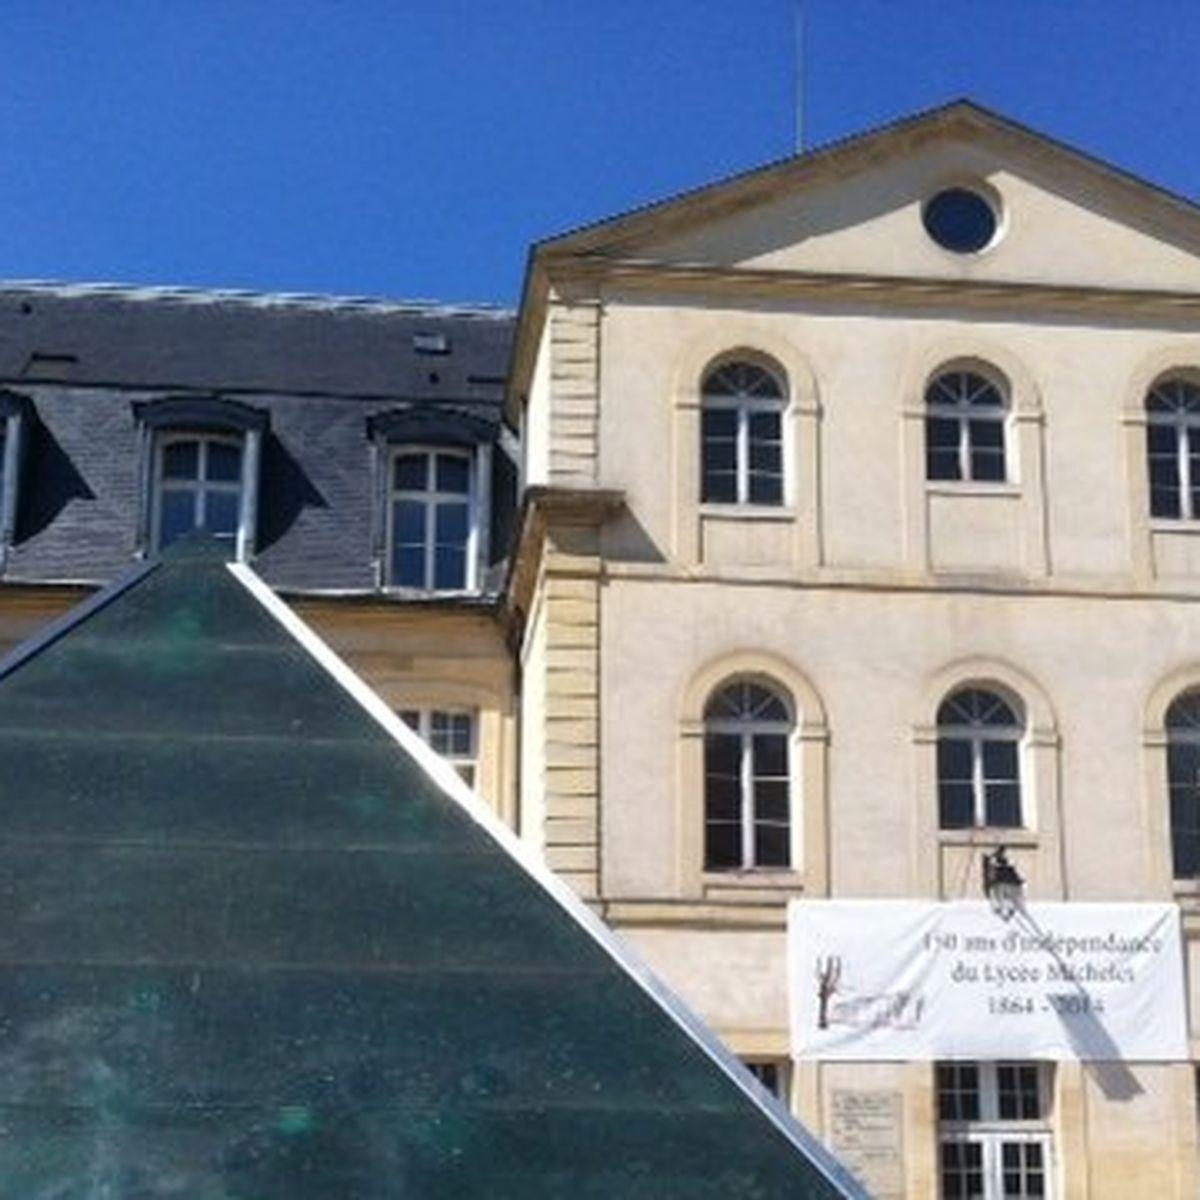 Le Lycee Michelet De Vanves Fete Ses 150 Ans D Independance